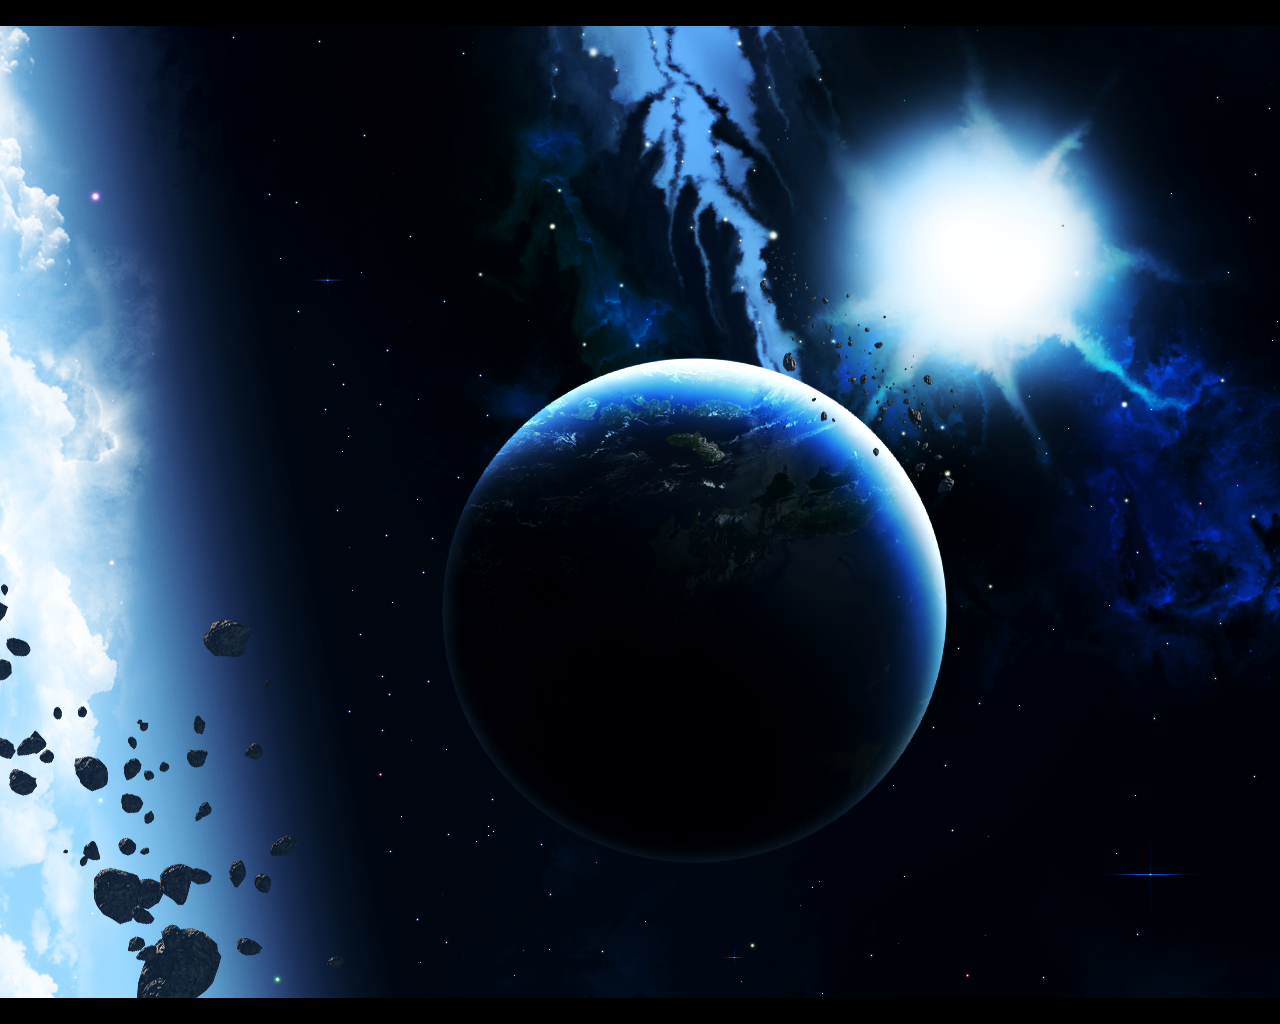 cold supernova by percyArts